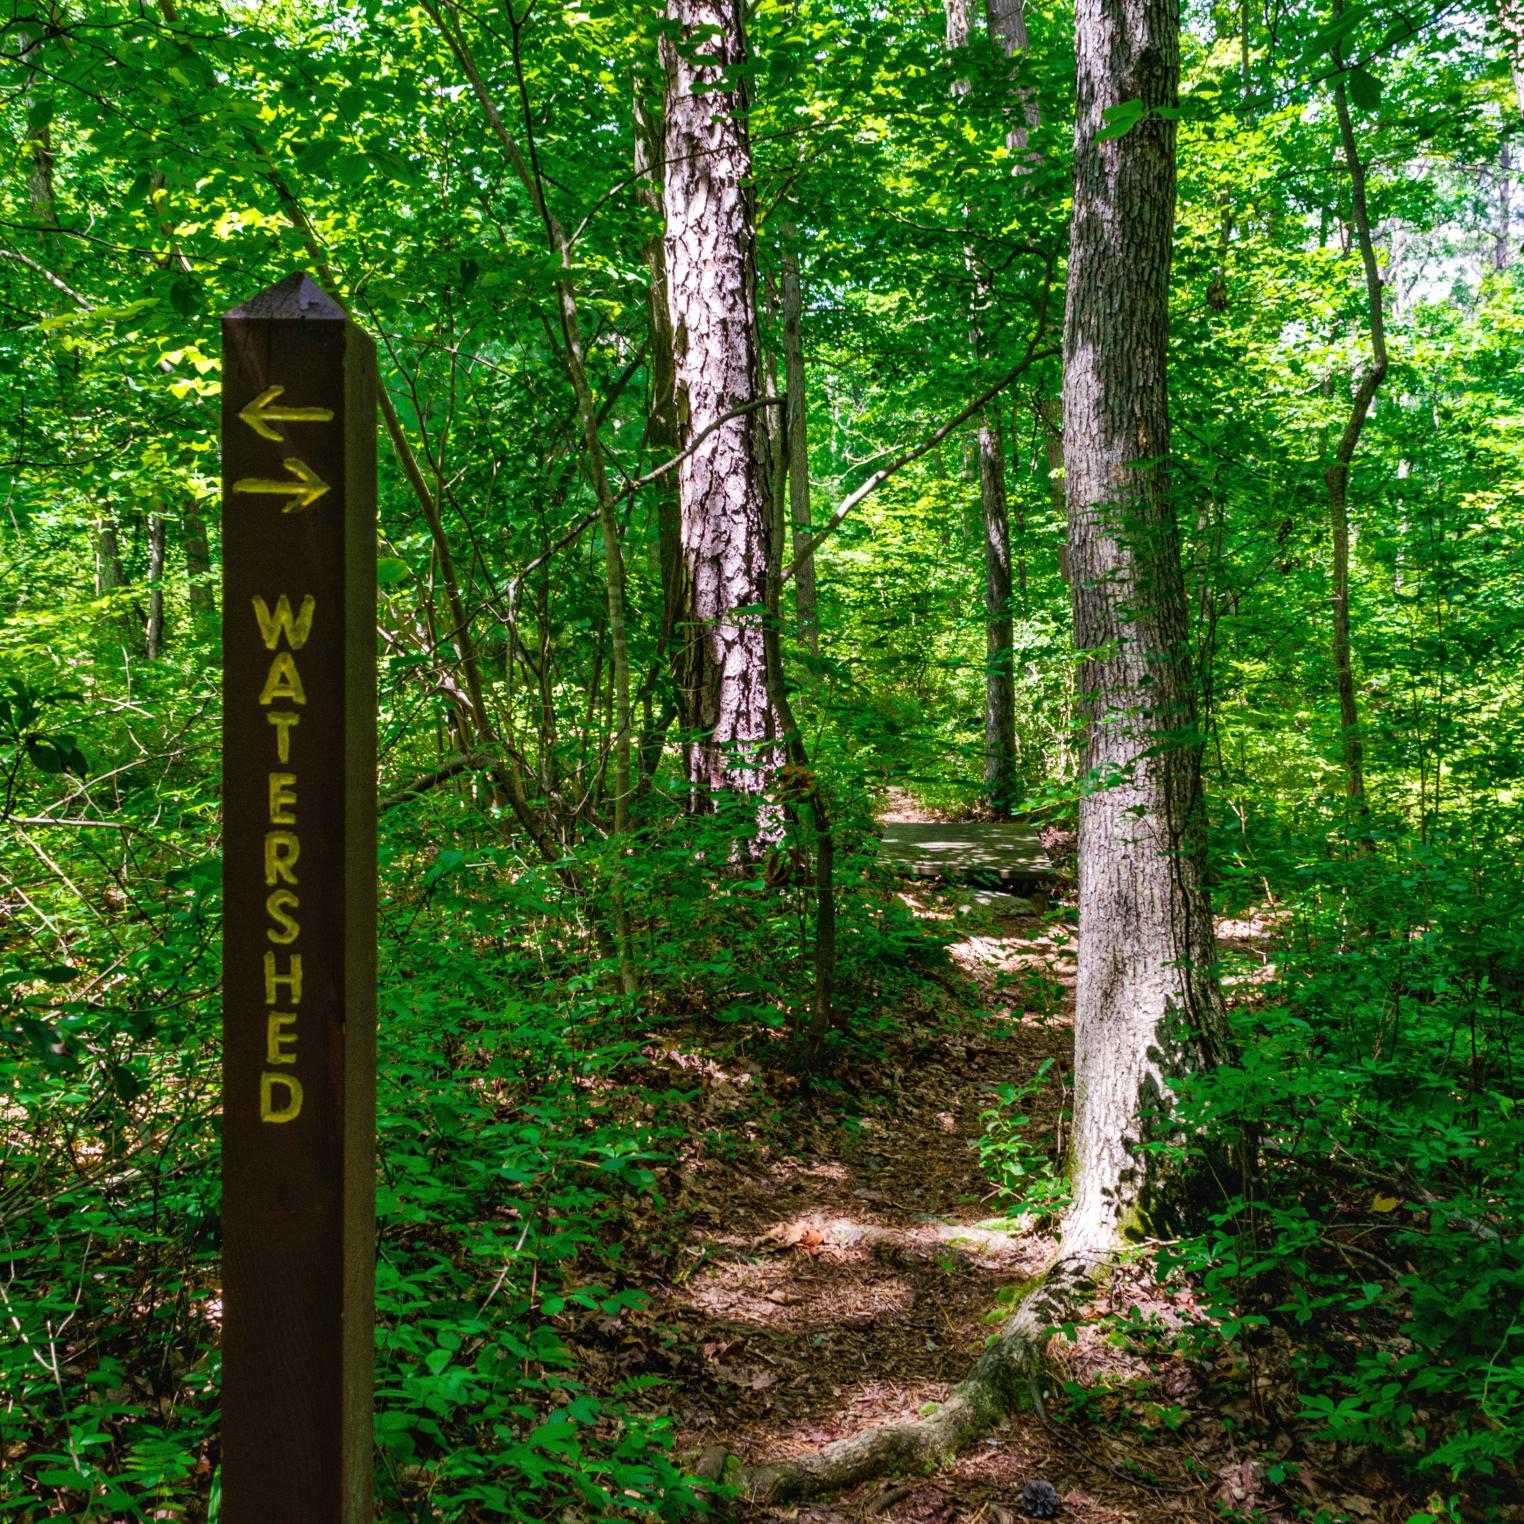 Watershed Trail @ Kings Gap